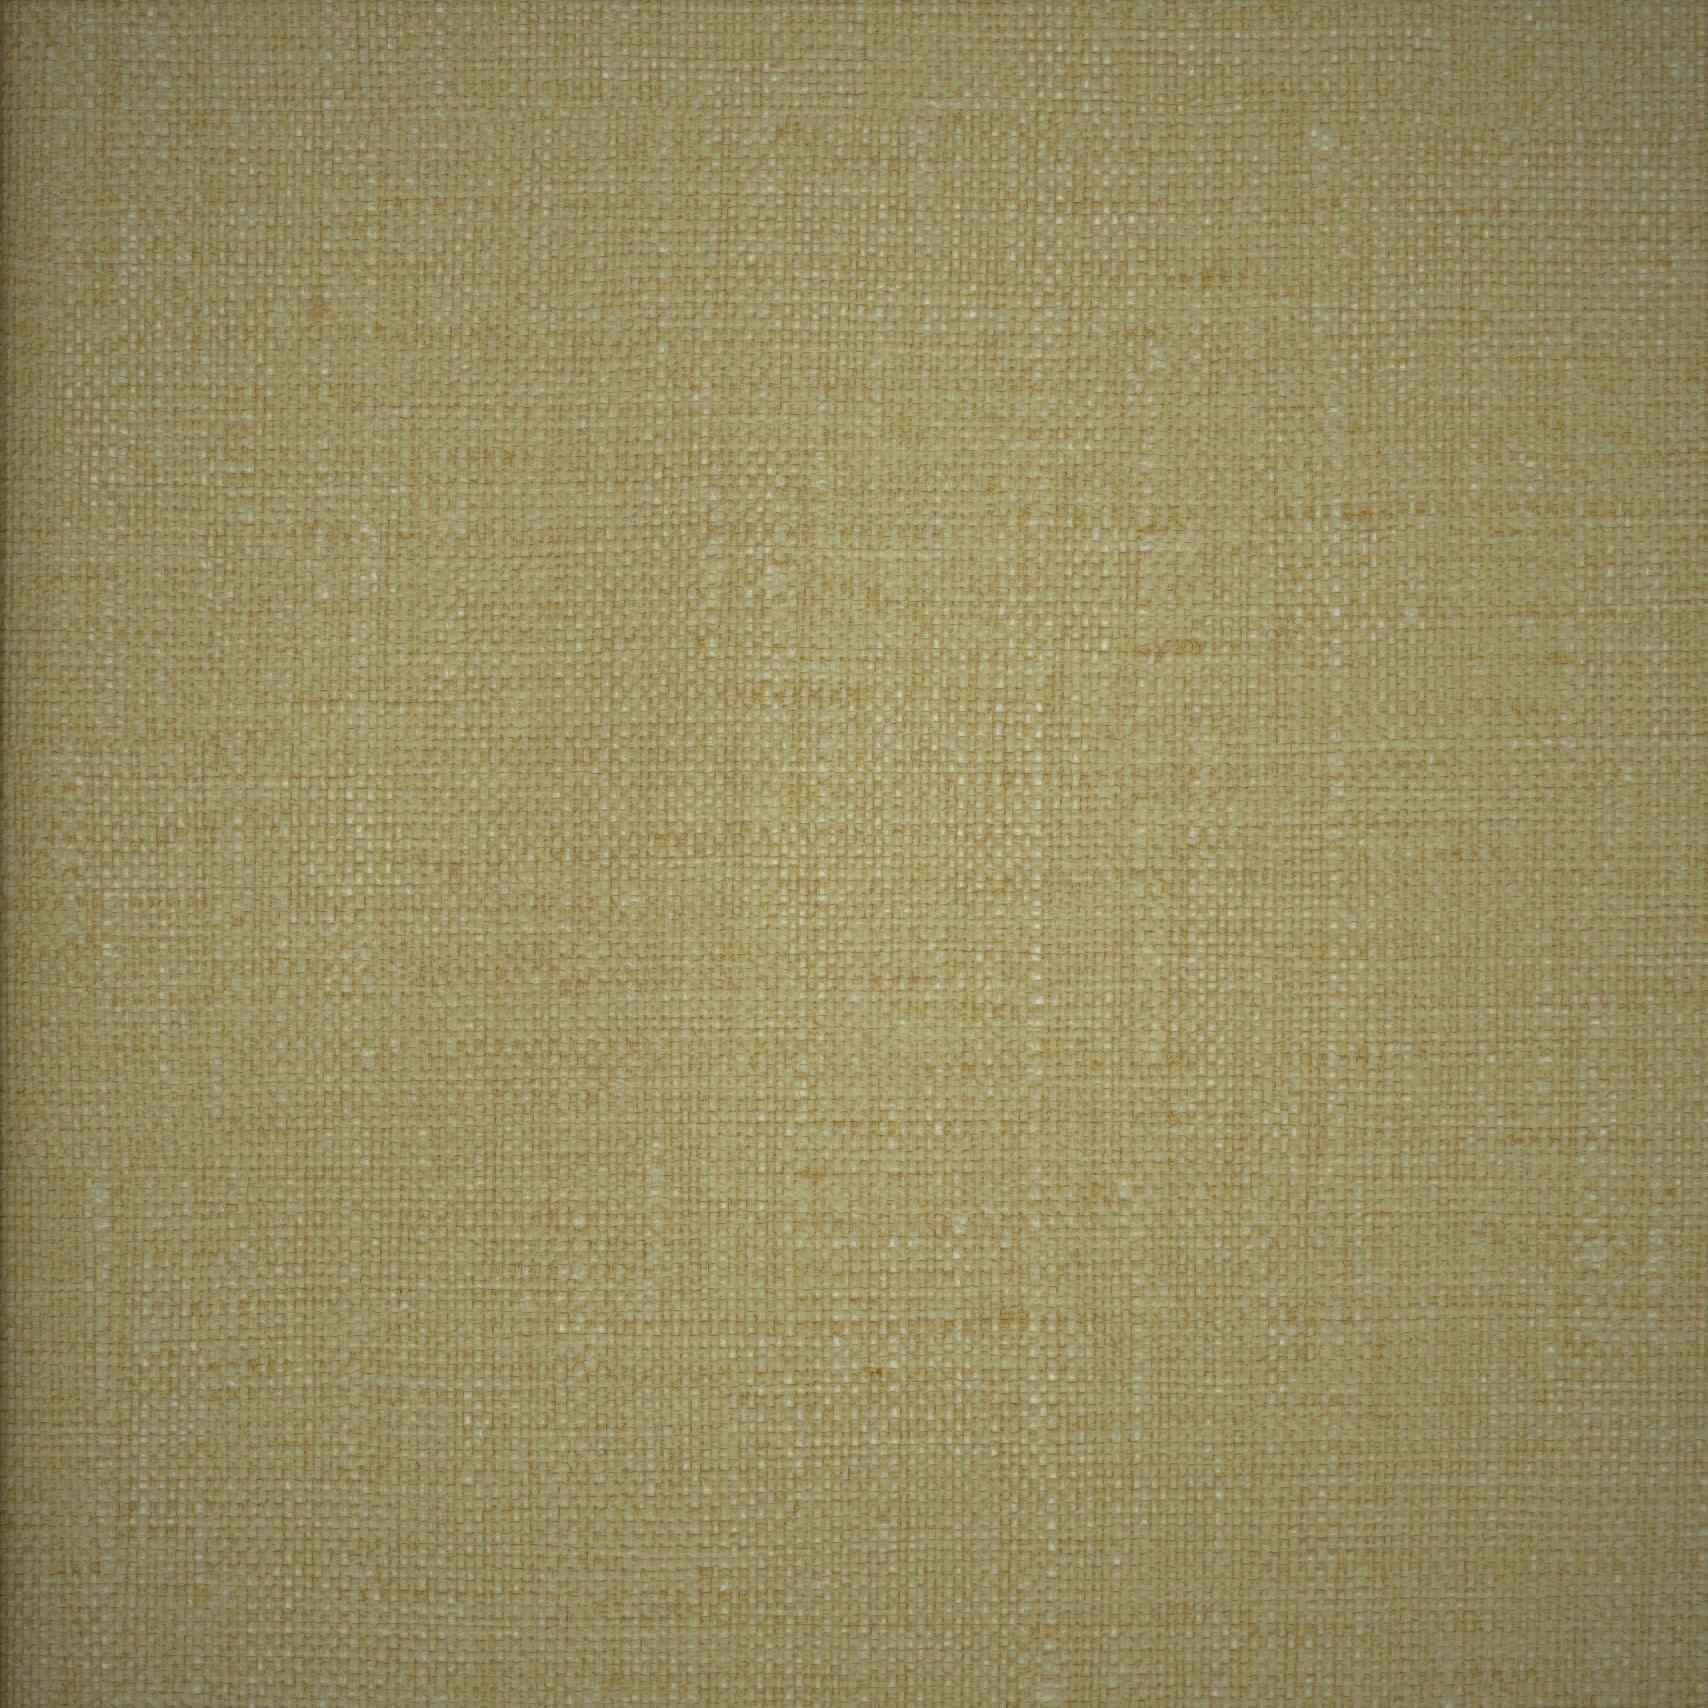 Papel de Parede Pure 2 Aspecto Têxtil 187303 - Rolo: 10m x 0,53m